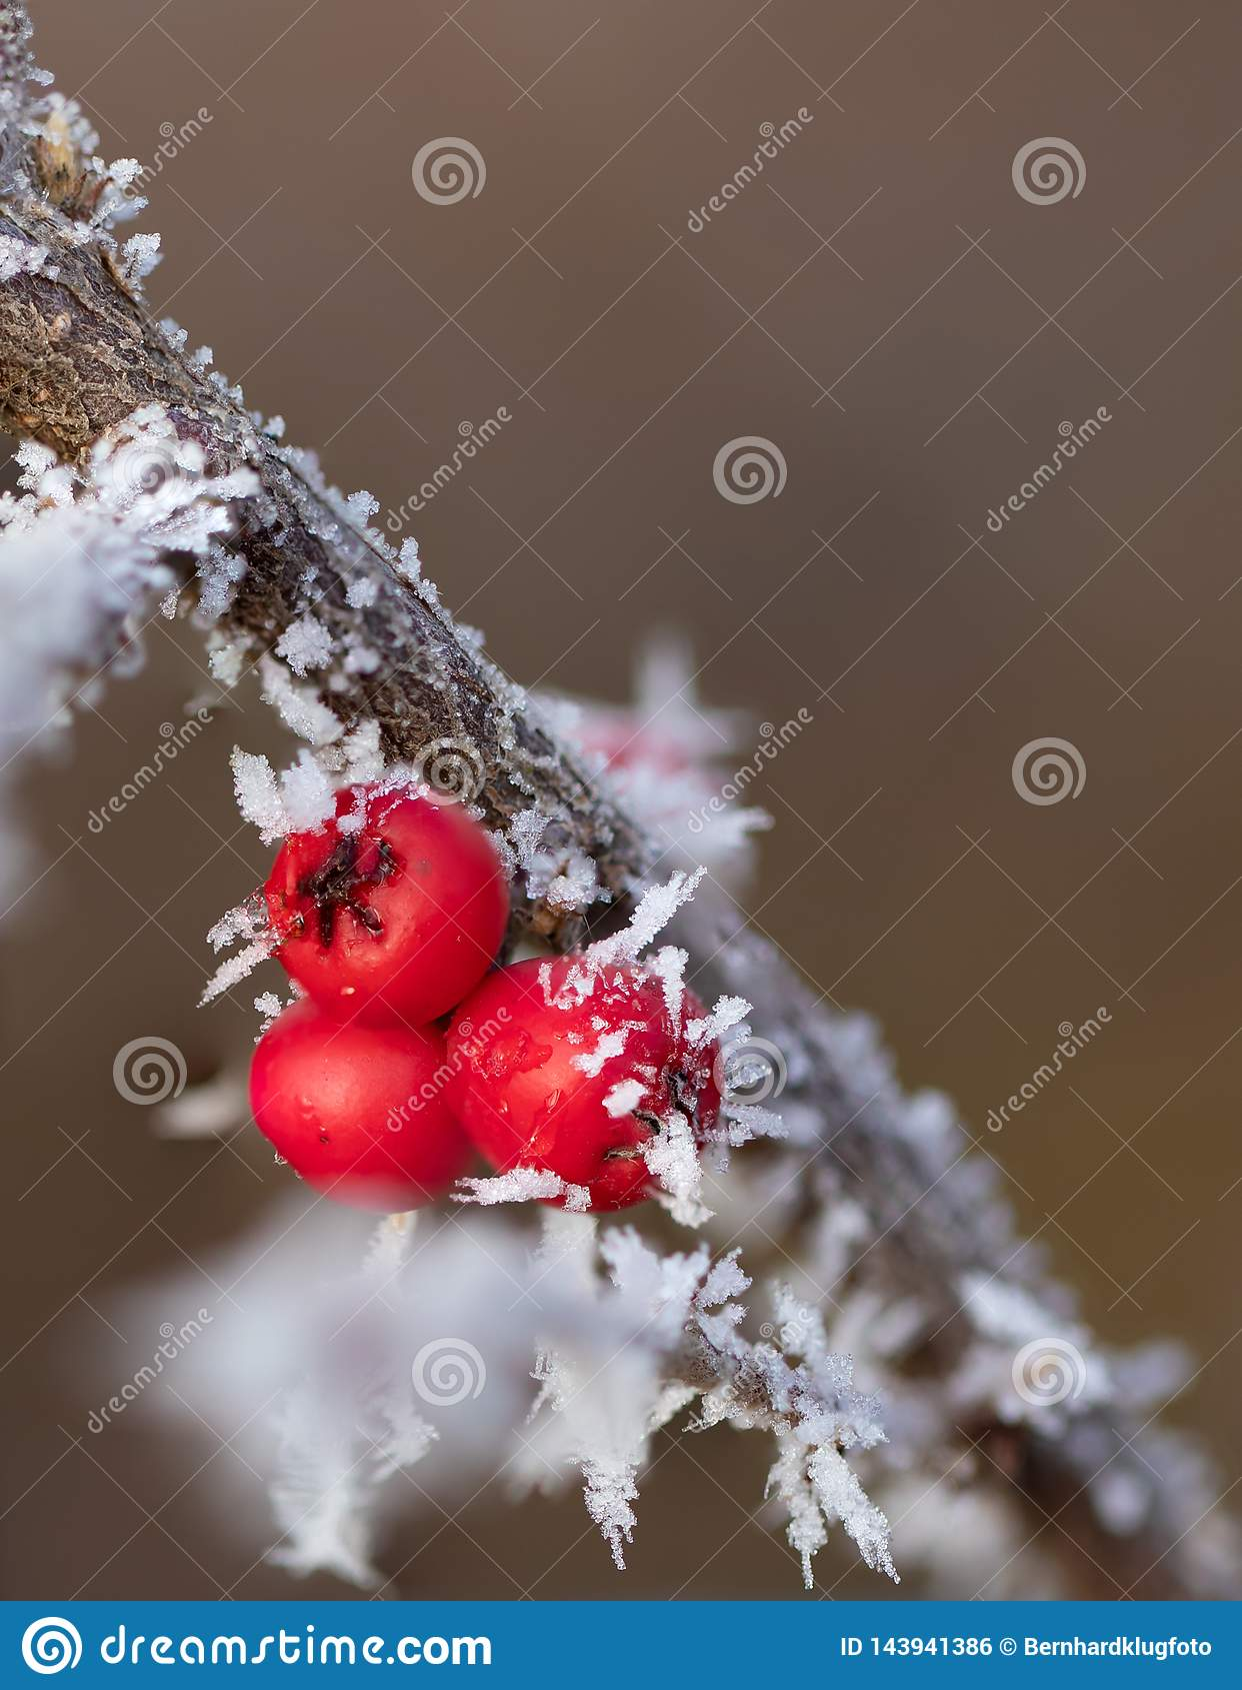 Bagas vermelhas com agulhas de gelo